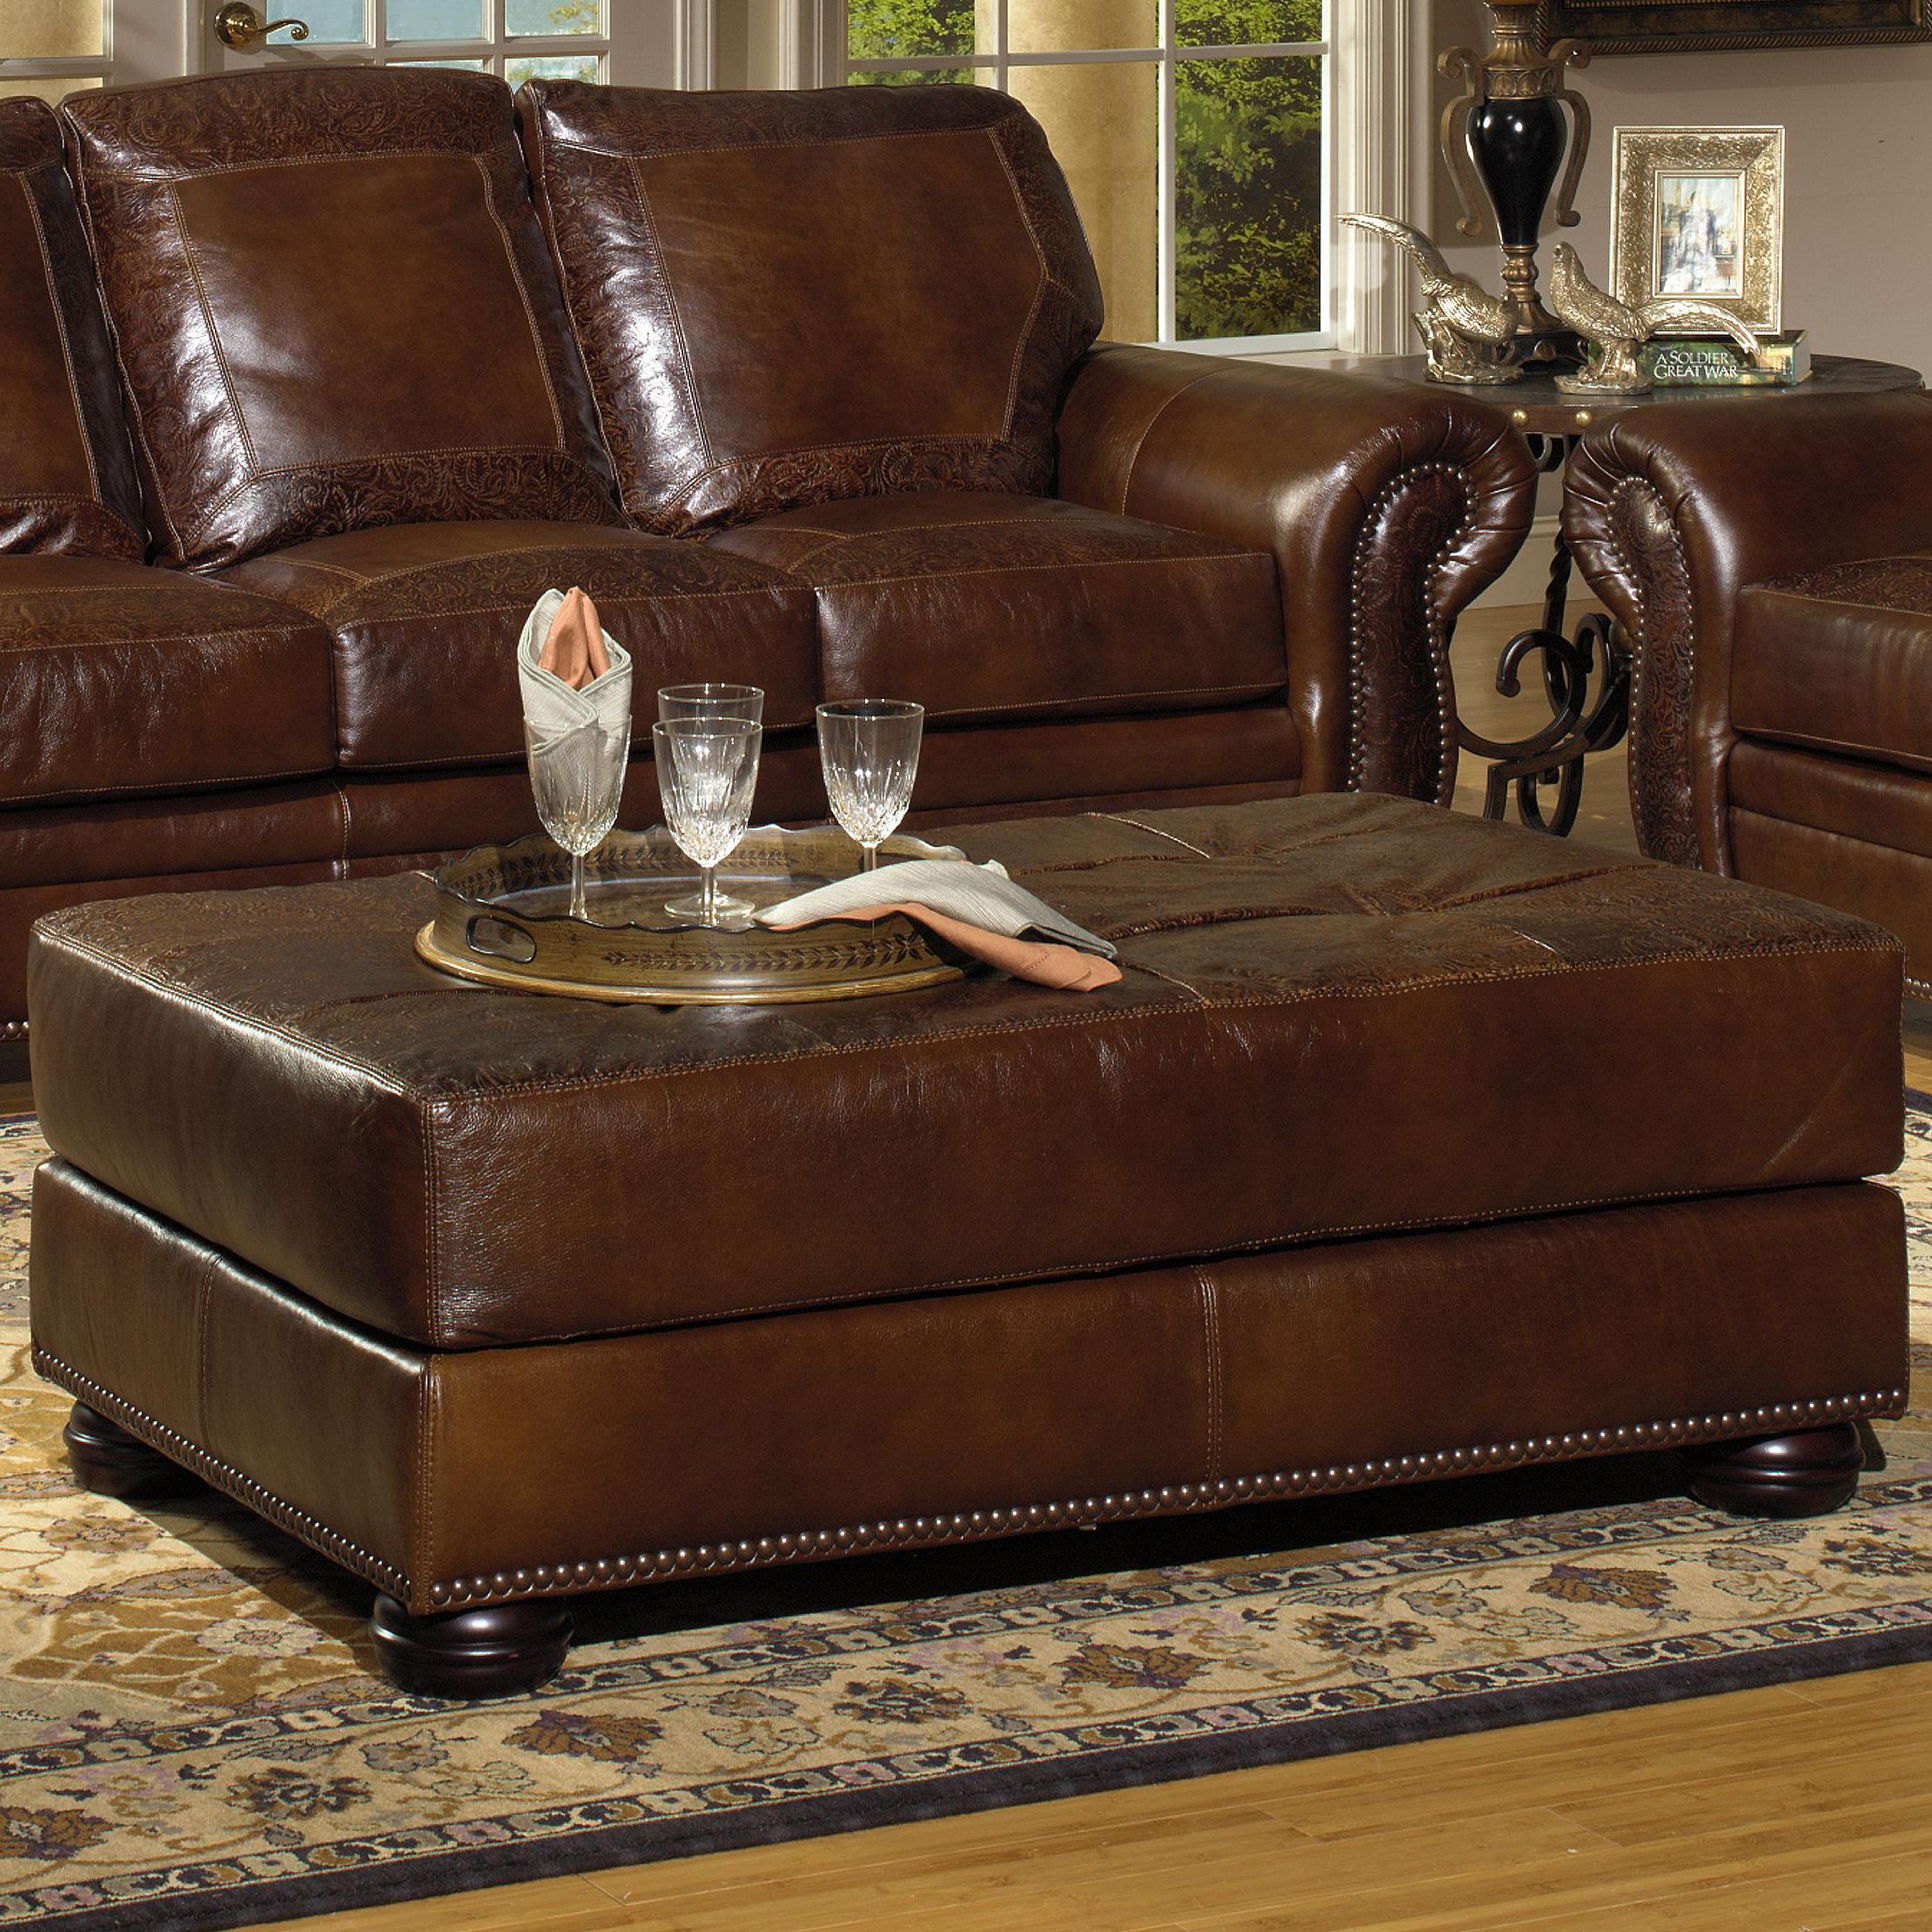 USA Premium Leather 8555 Cocktail Ottoman w Nailhead Trim